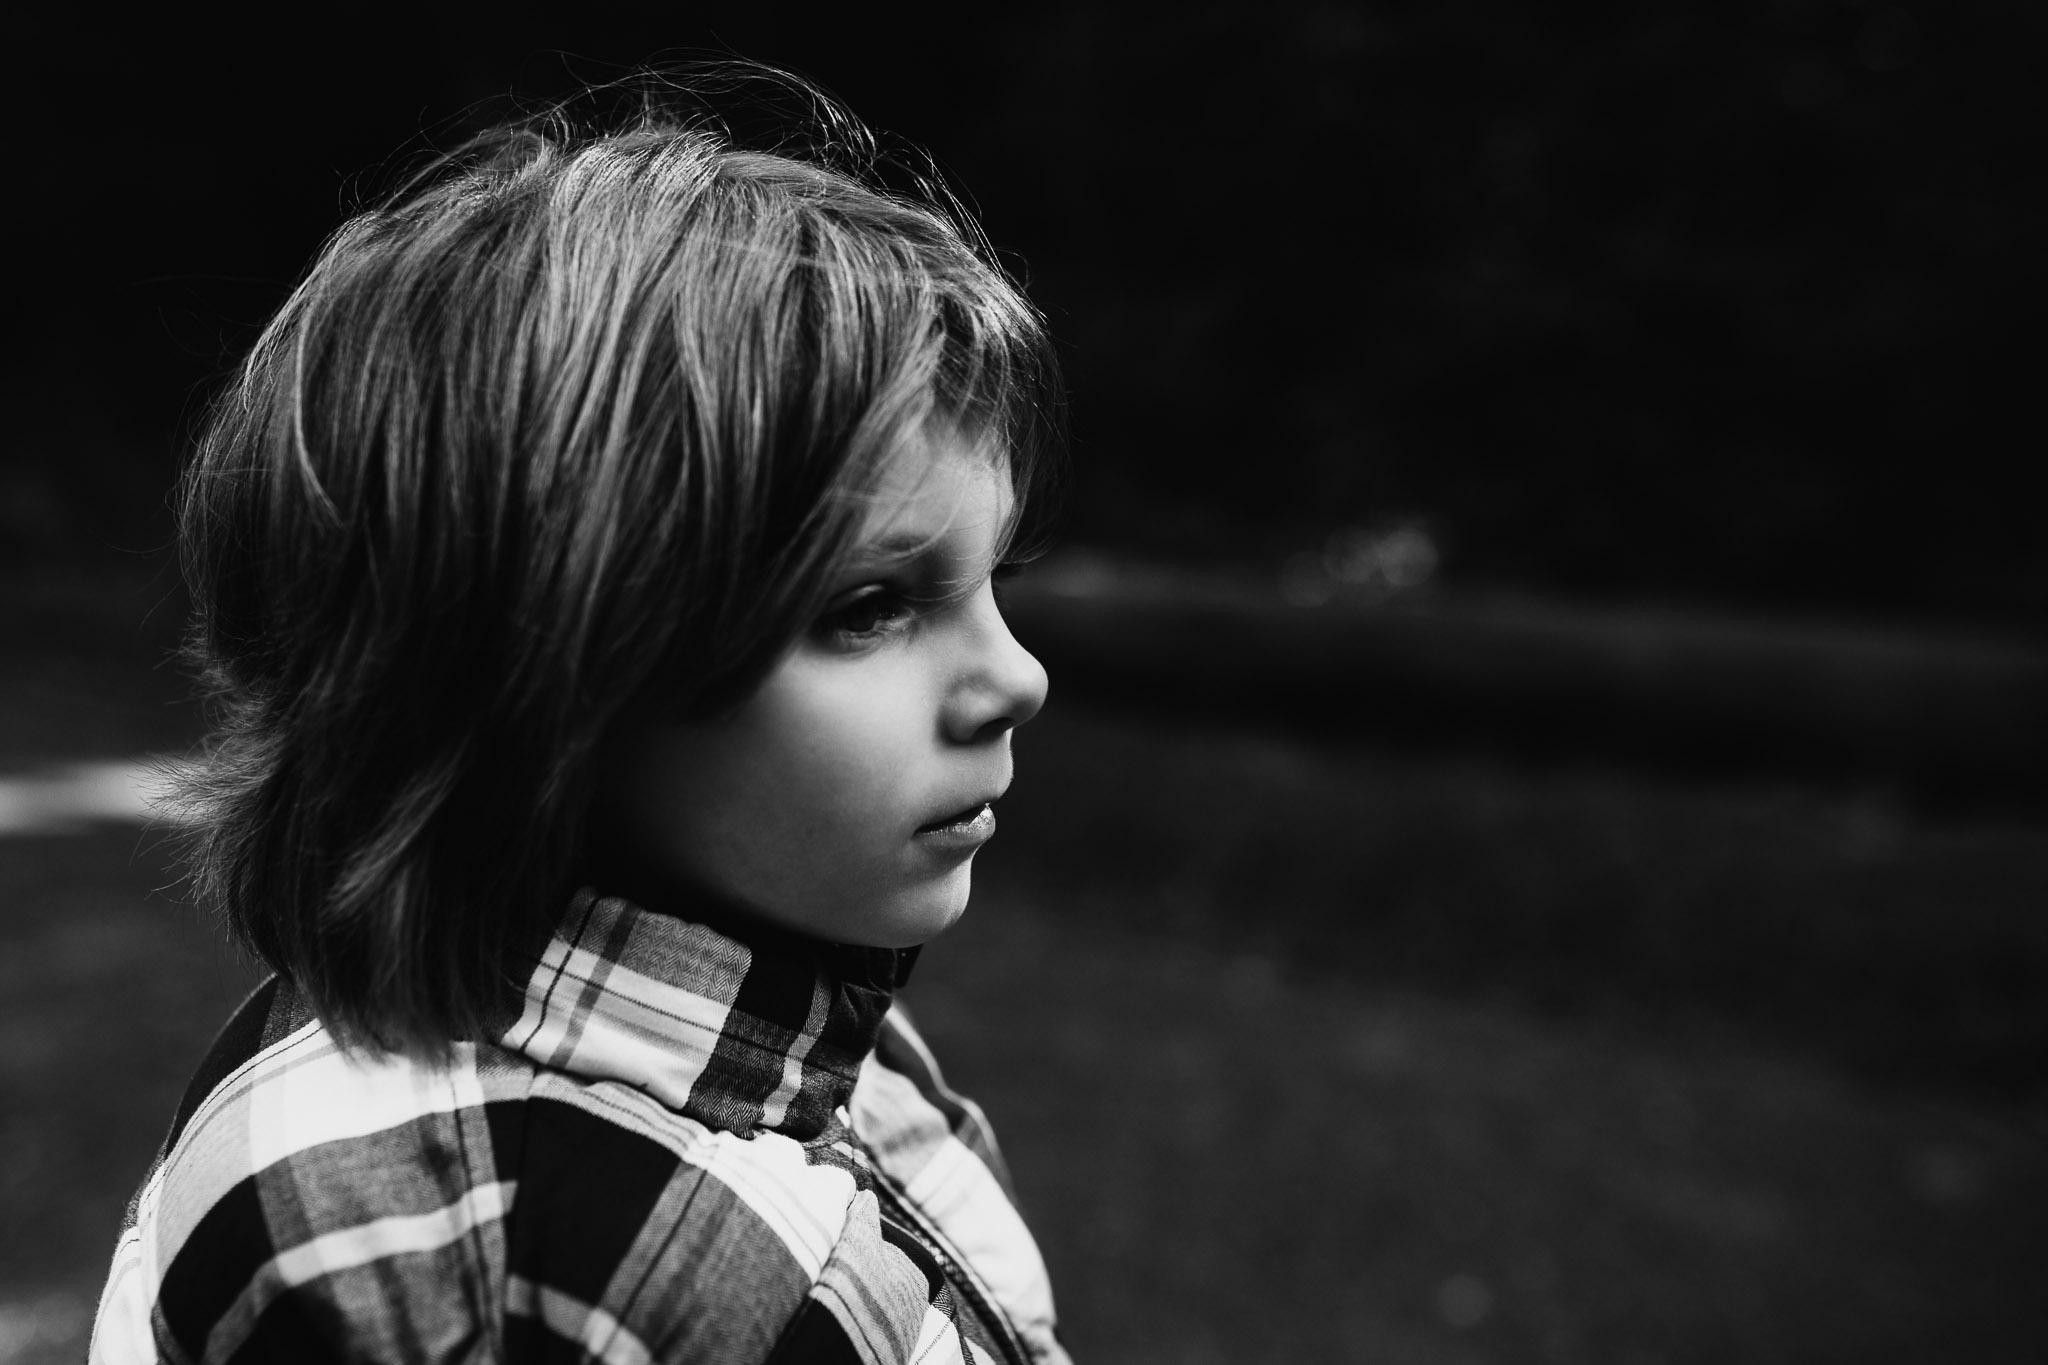 seitliches Portrait eines Kindes